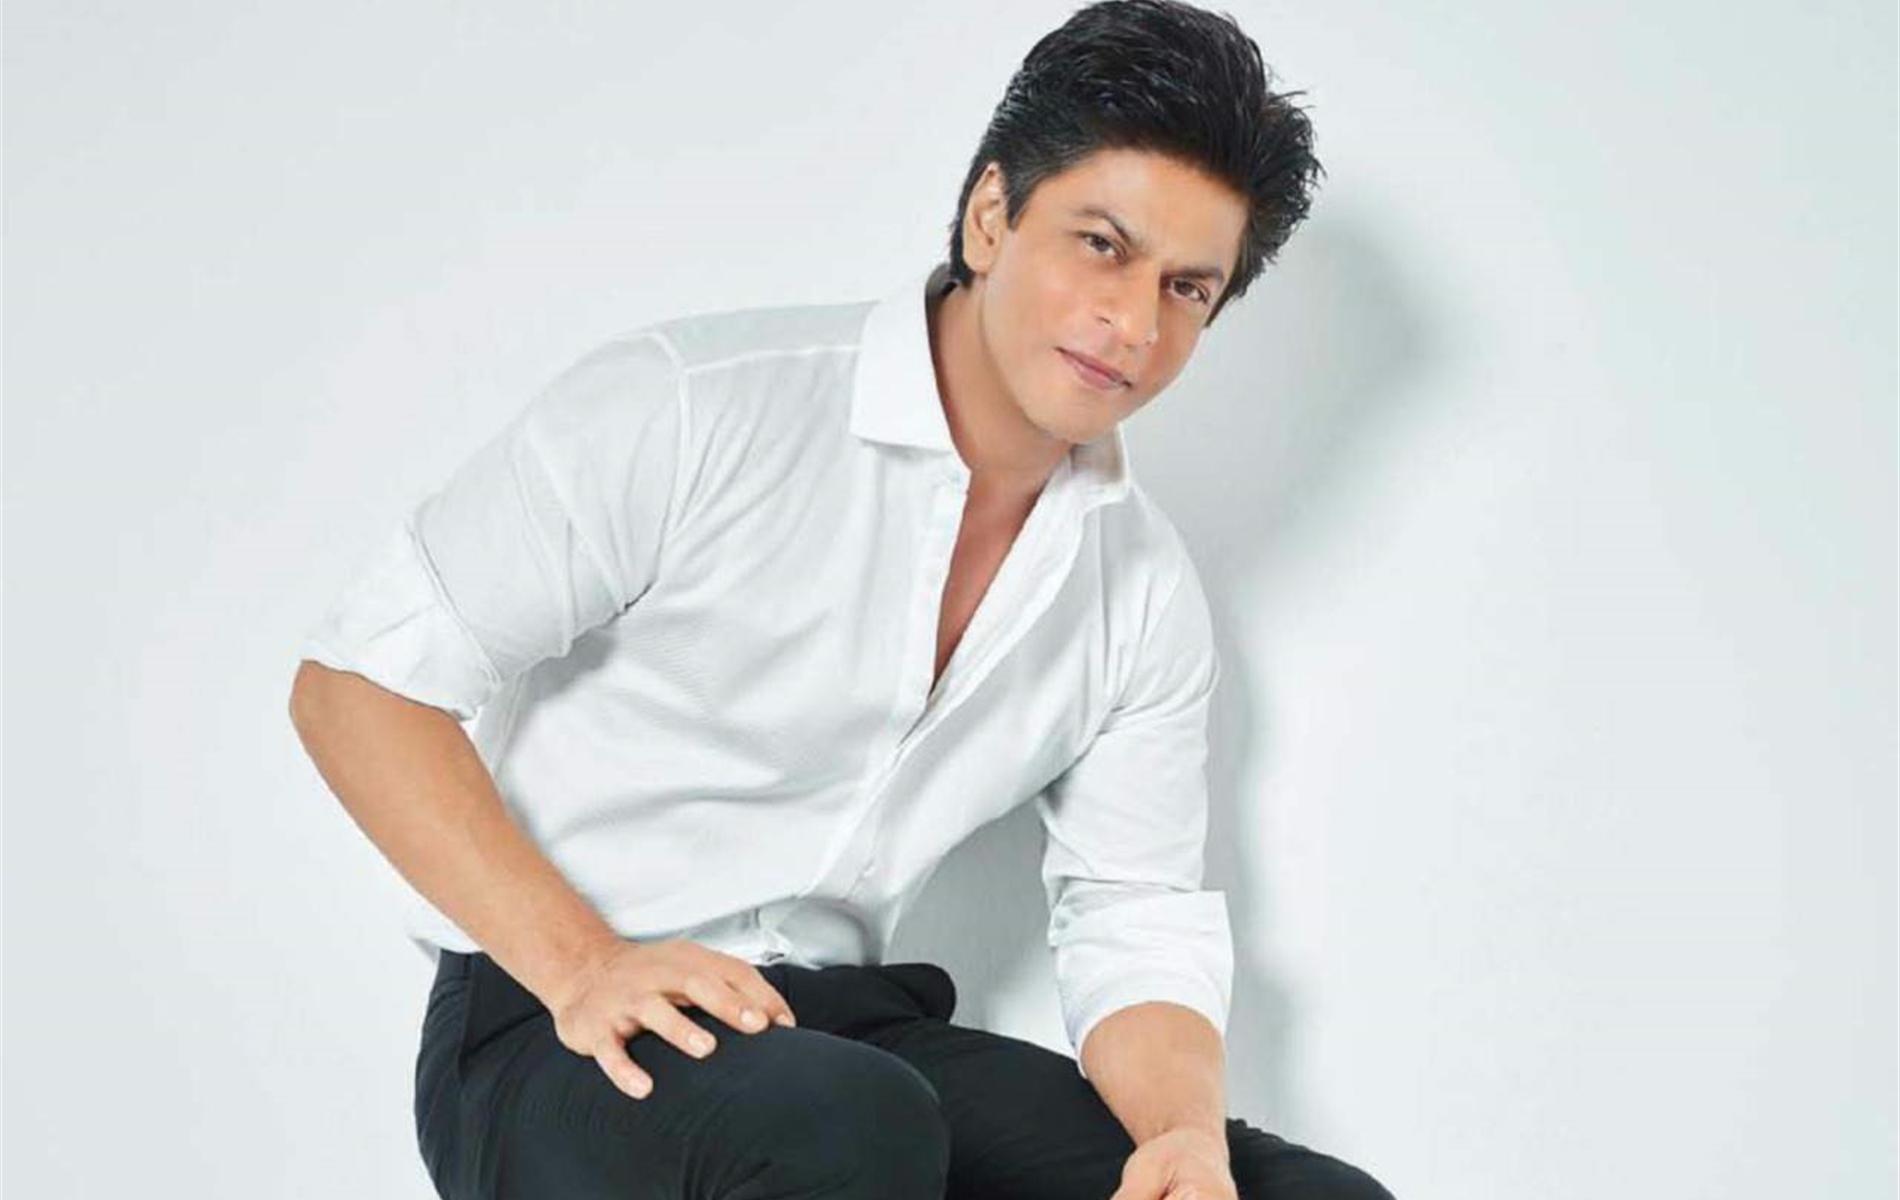 शाहरुख खान नेटफ़्लिक्स के इस लोकप्रिय शो में बनकर पहुंचेगे स्पेशल गेस्ट